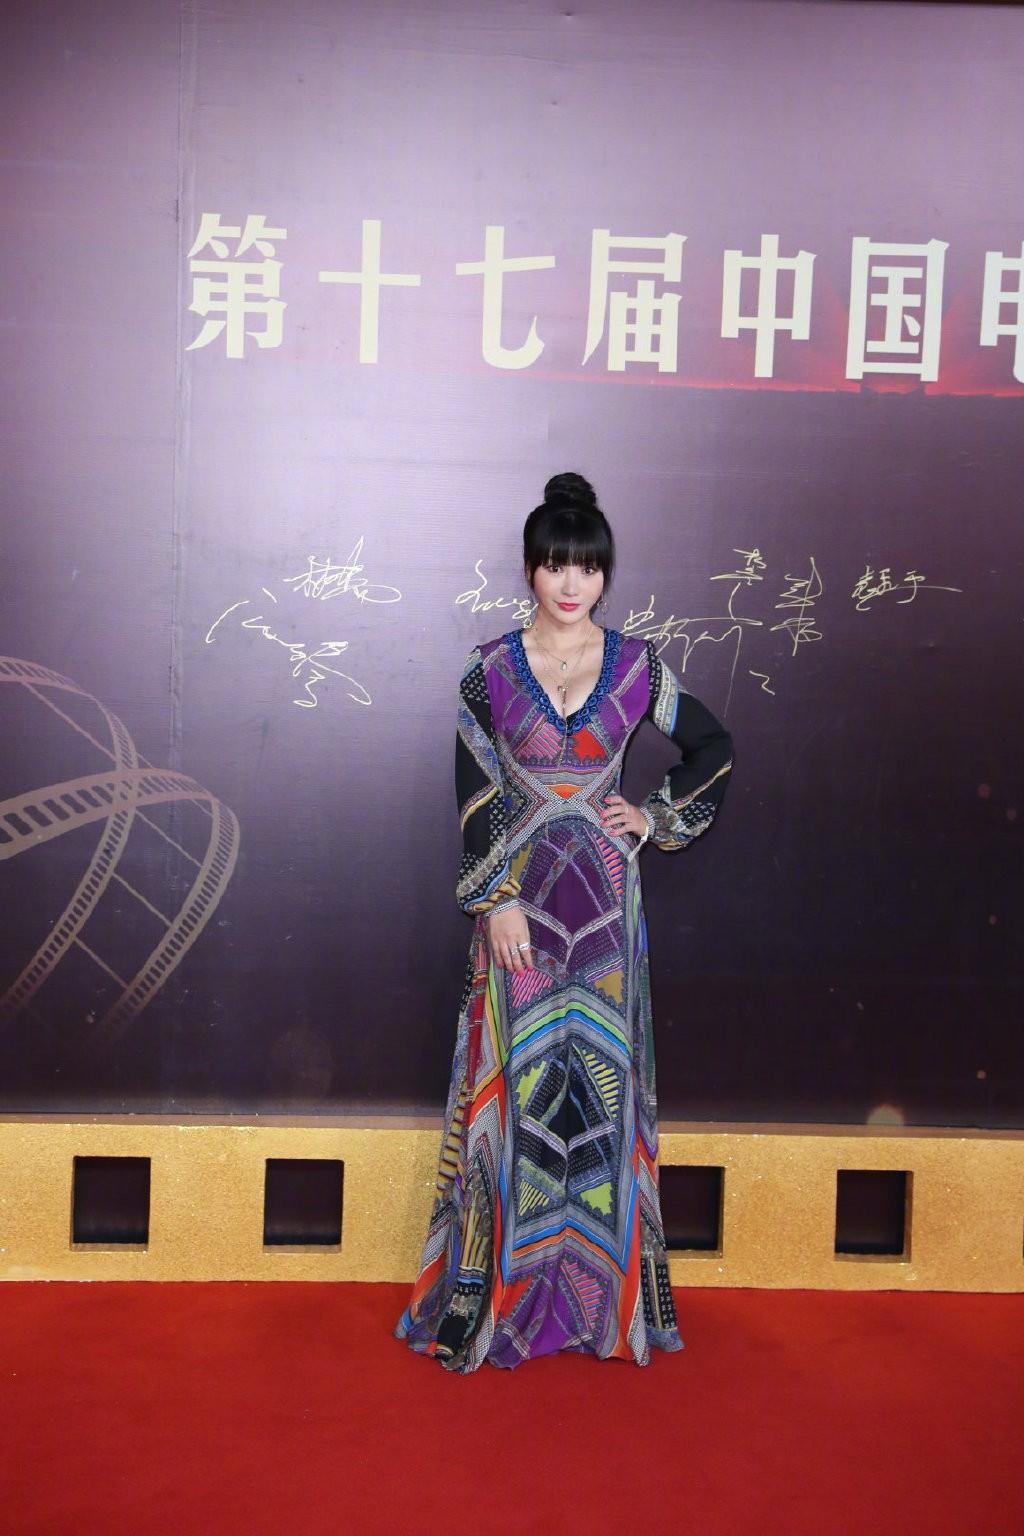 Hoa Biểu 2018: Đường Yên - Quan Hiểu Đồng bùng nổ nhan sắc lấn át Dương Mịch, Tứ đại lưu lượng điển trai đến mức đau tim - Ảnh 35.